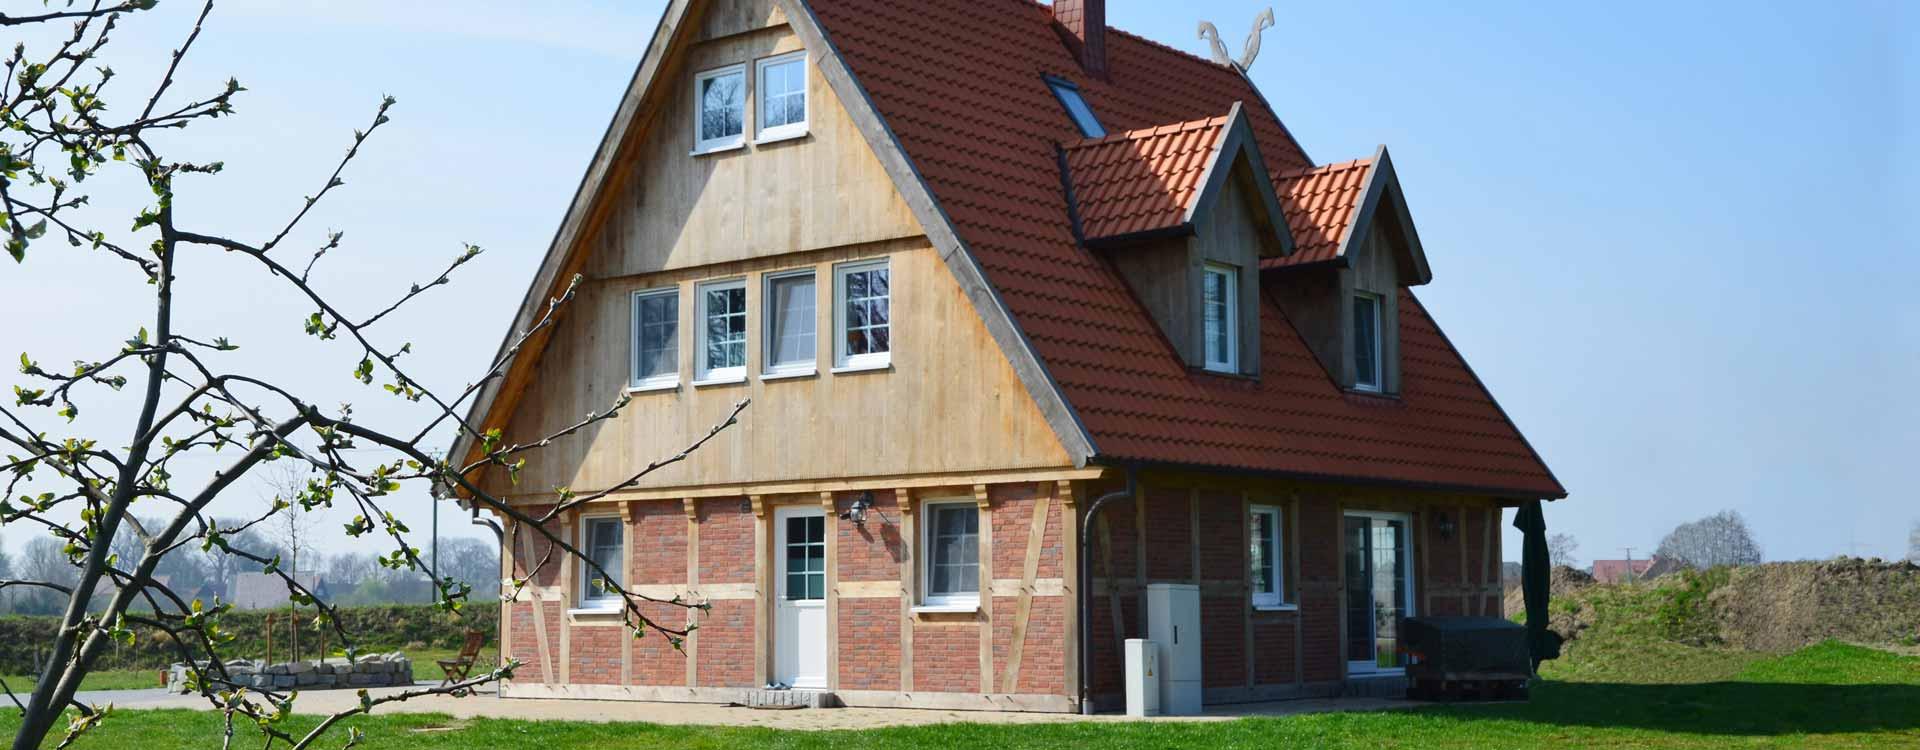 ^ DLK - Ihr Fachwerkhaus bauen wir nach Ihren Wünschen